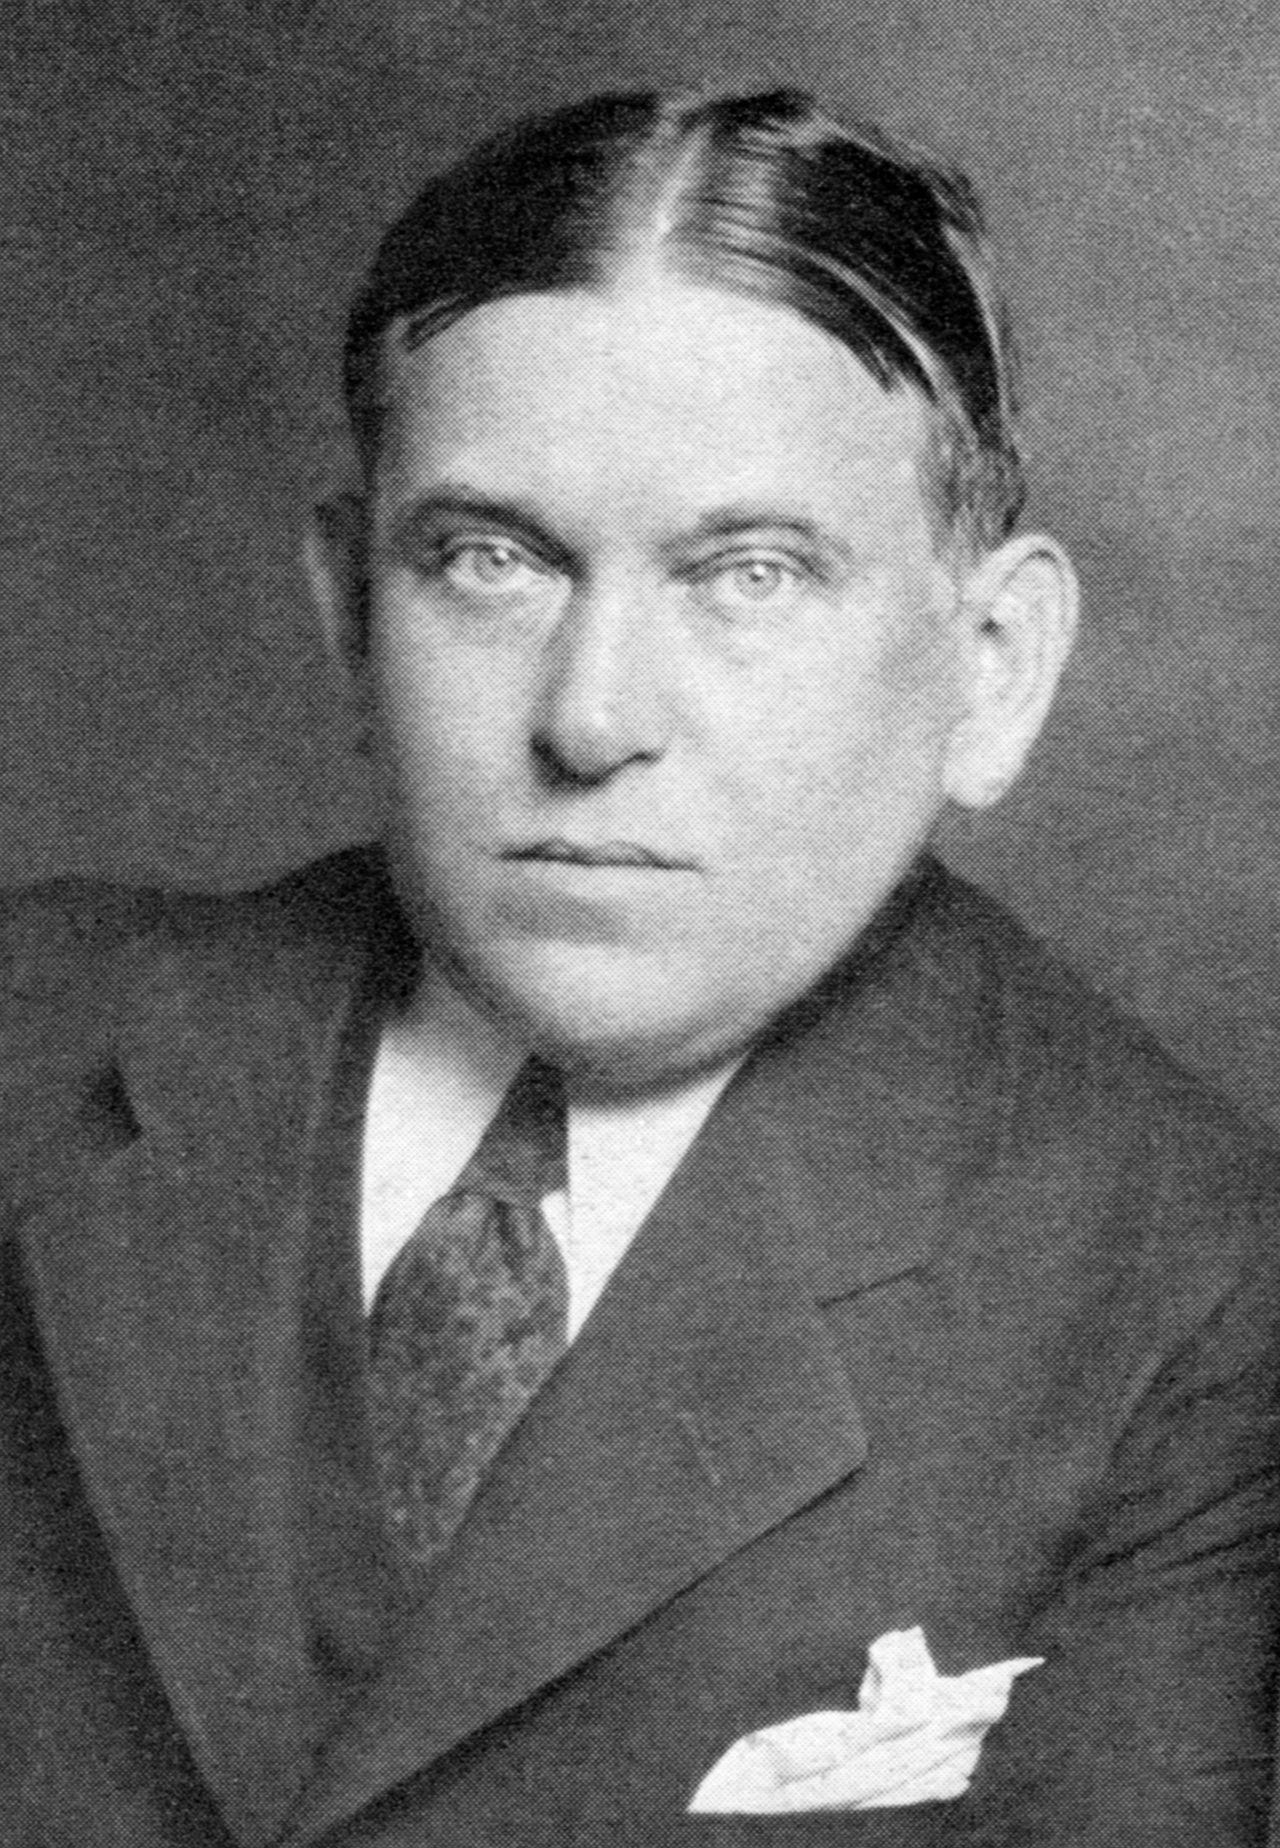 H. L. Menchen